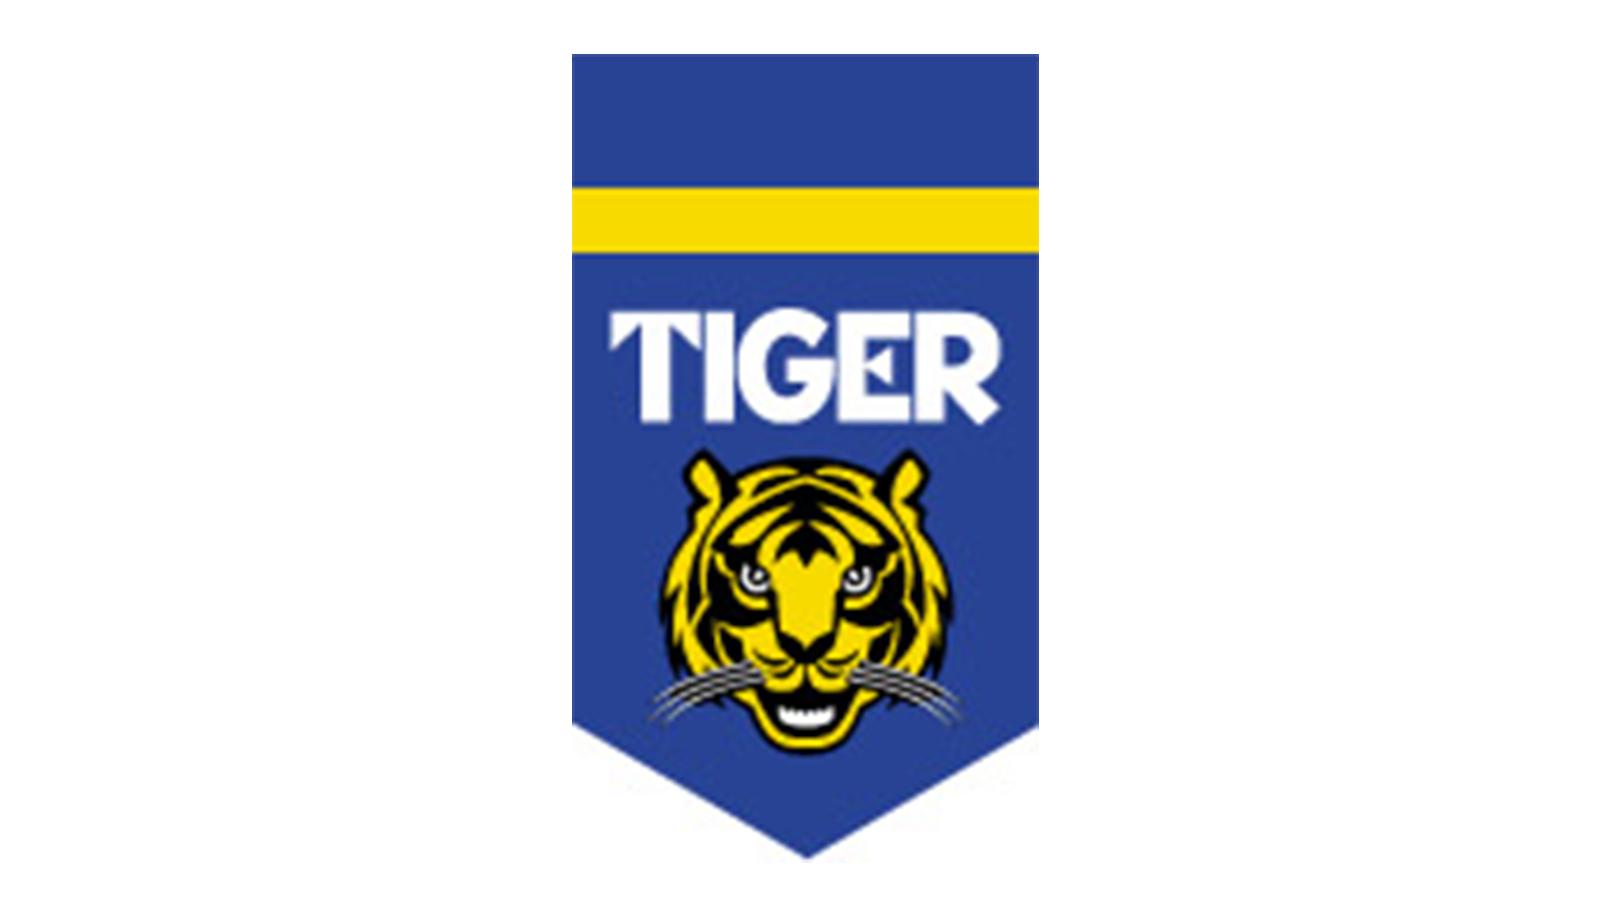 siemplus-referentie-tiger-logo